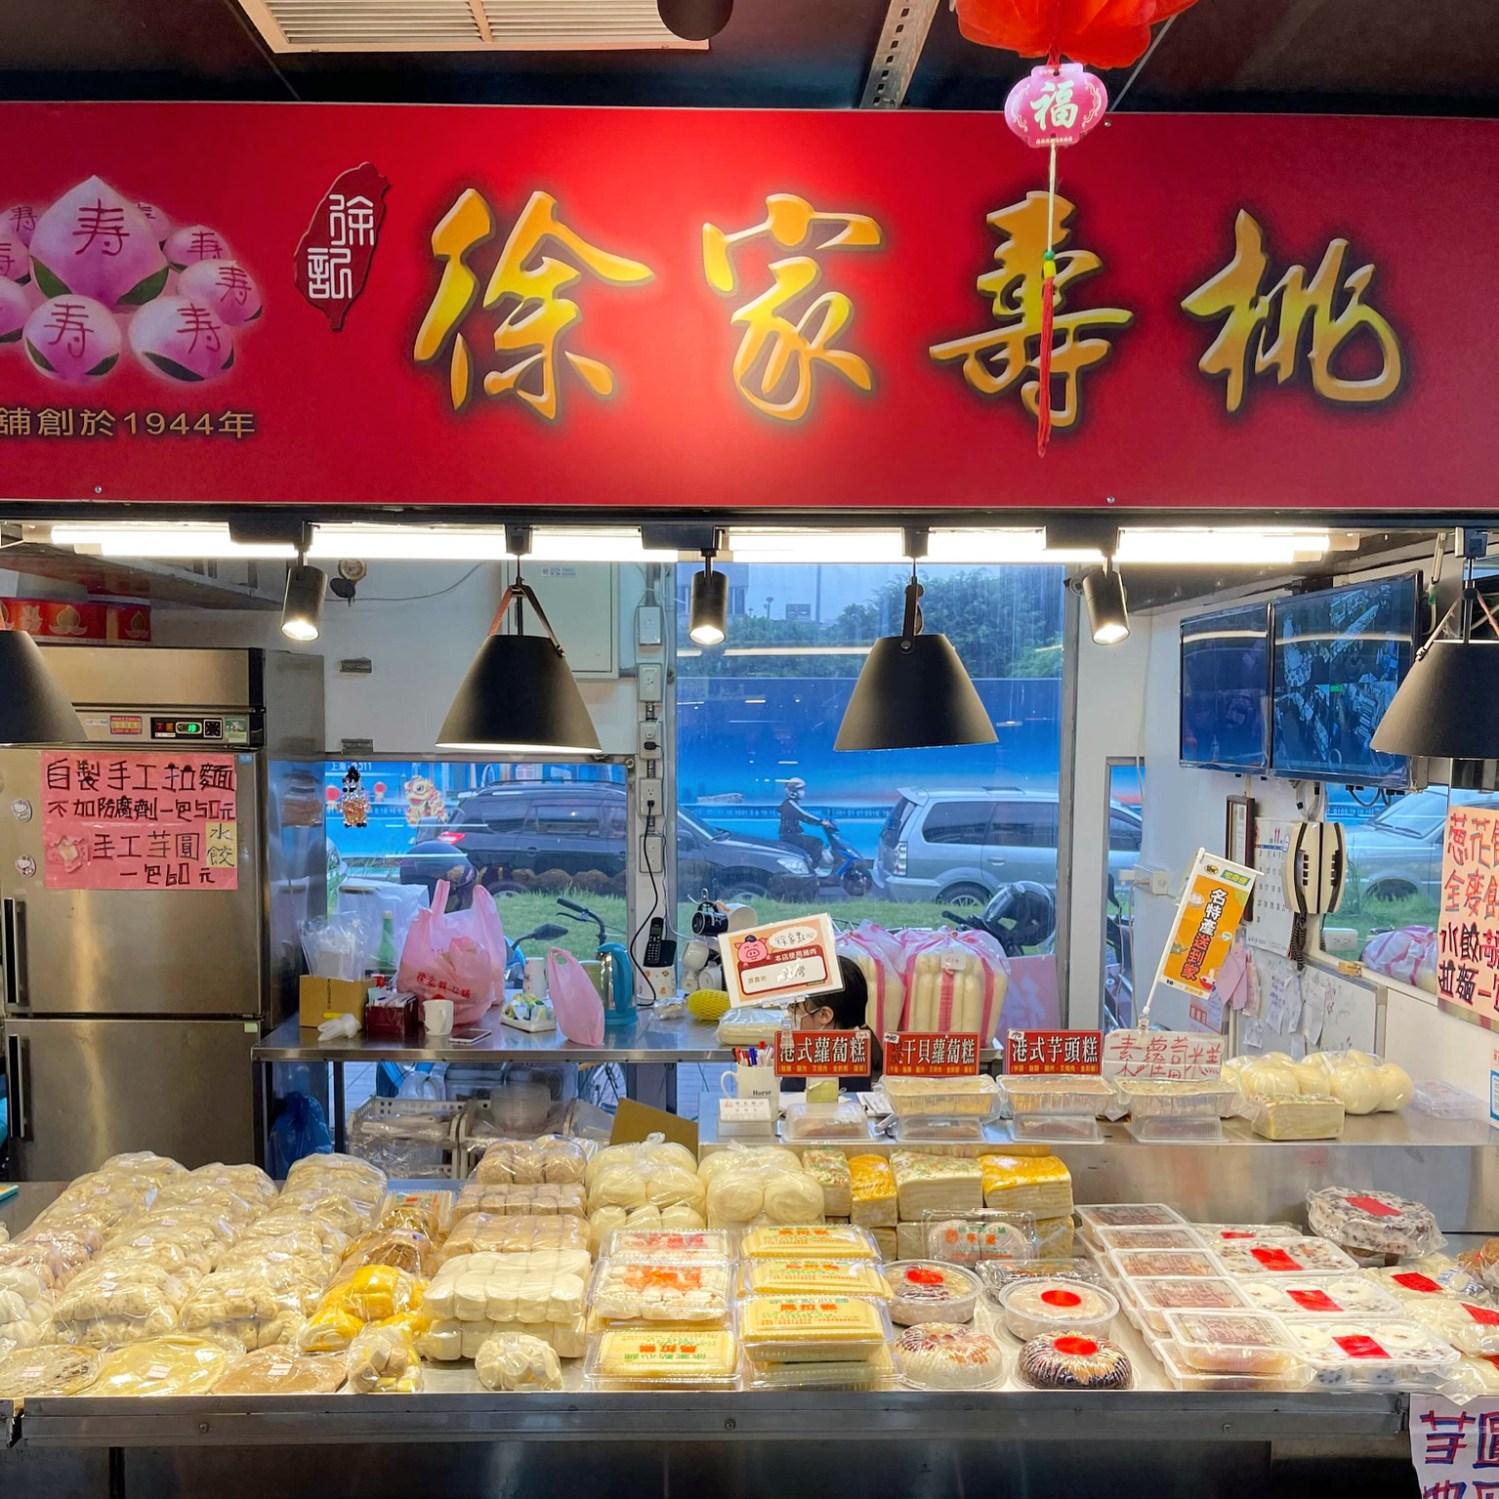 [台北美食] 徐家點心 – 開70年的南門市場傳統美食賣著台版千層蛋糕!